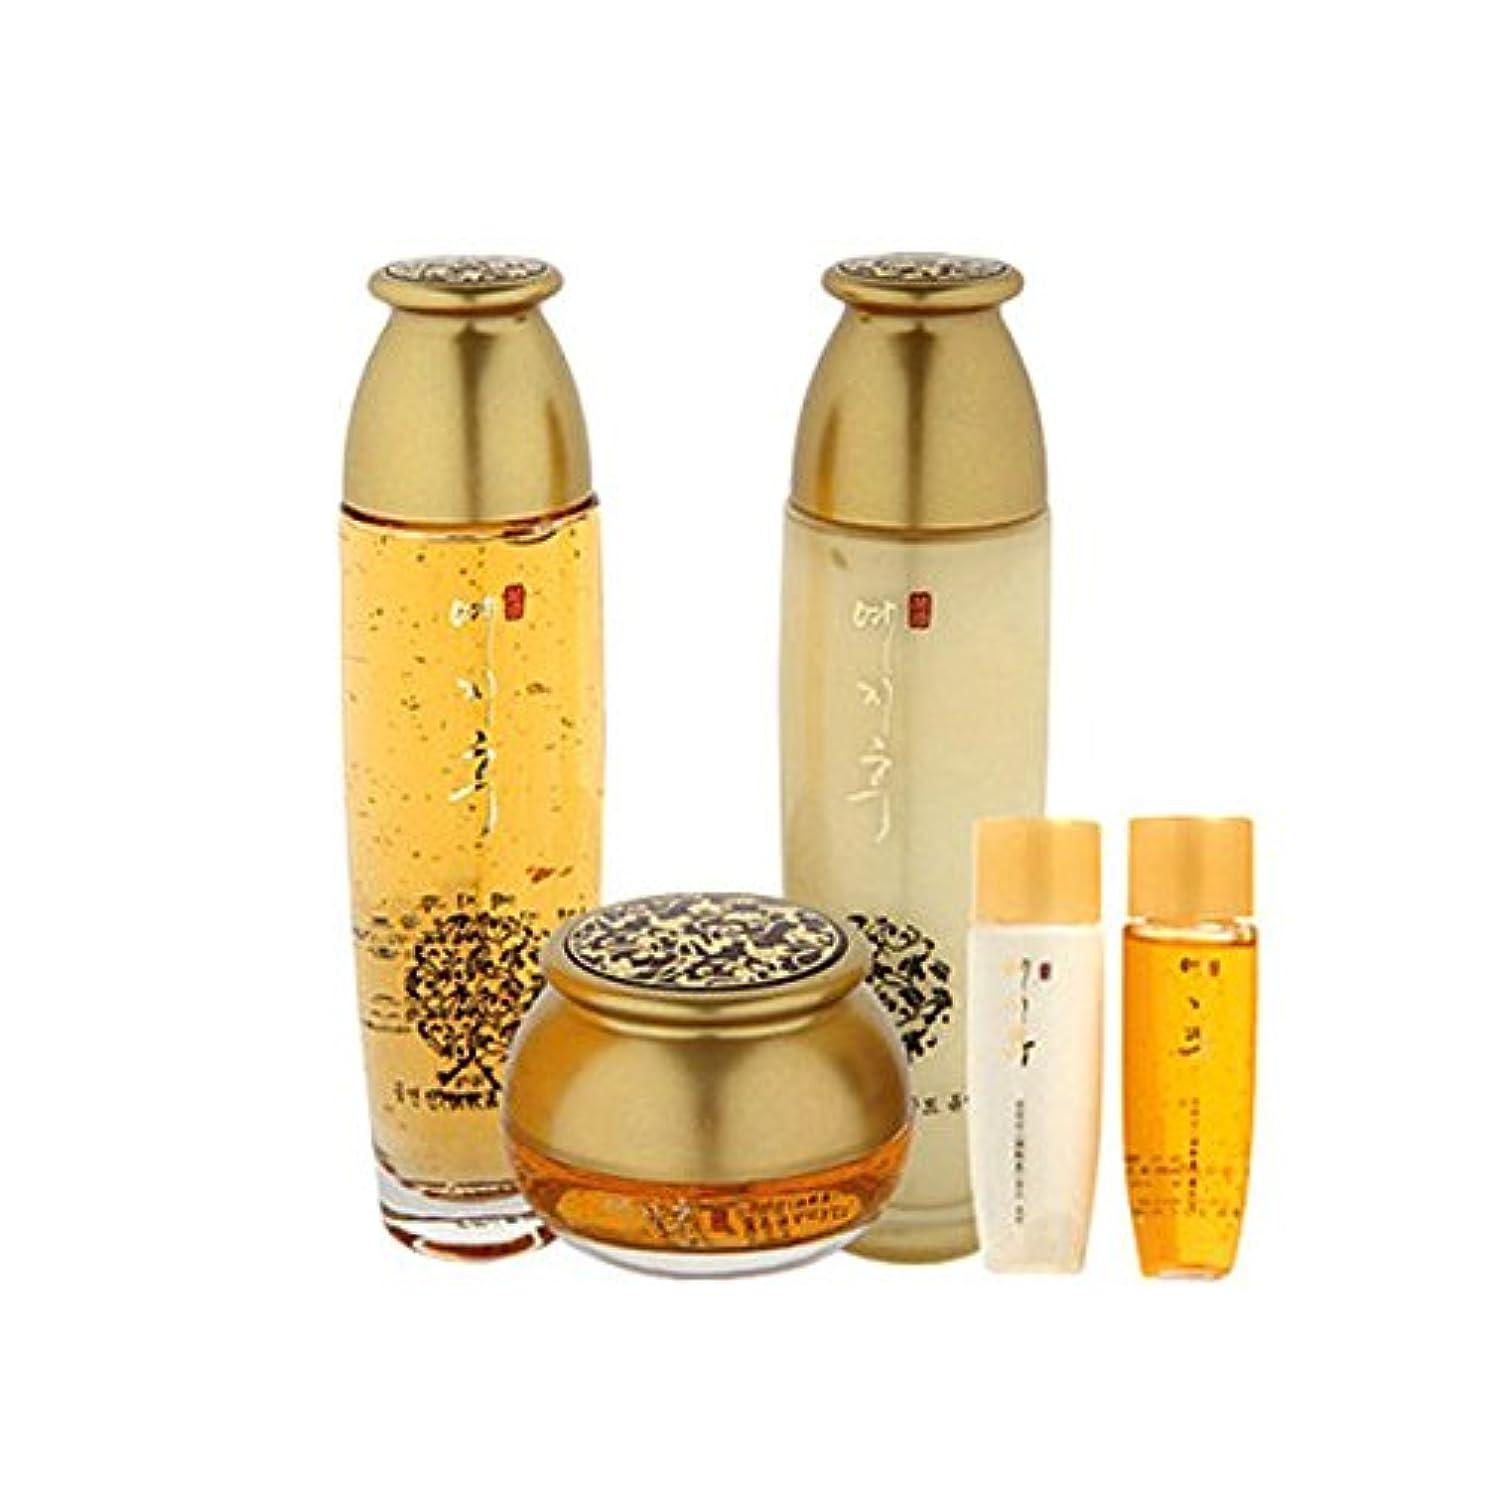 バイアス昼間子犬[韓国コスメYEZIHU]99.9% Pure Gold Skin Care Set 99.9%ピュアゴールド漢方スキンケア3セット樹液/乳液/クリーム [並行輸入品]